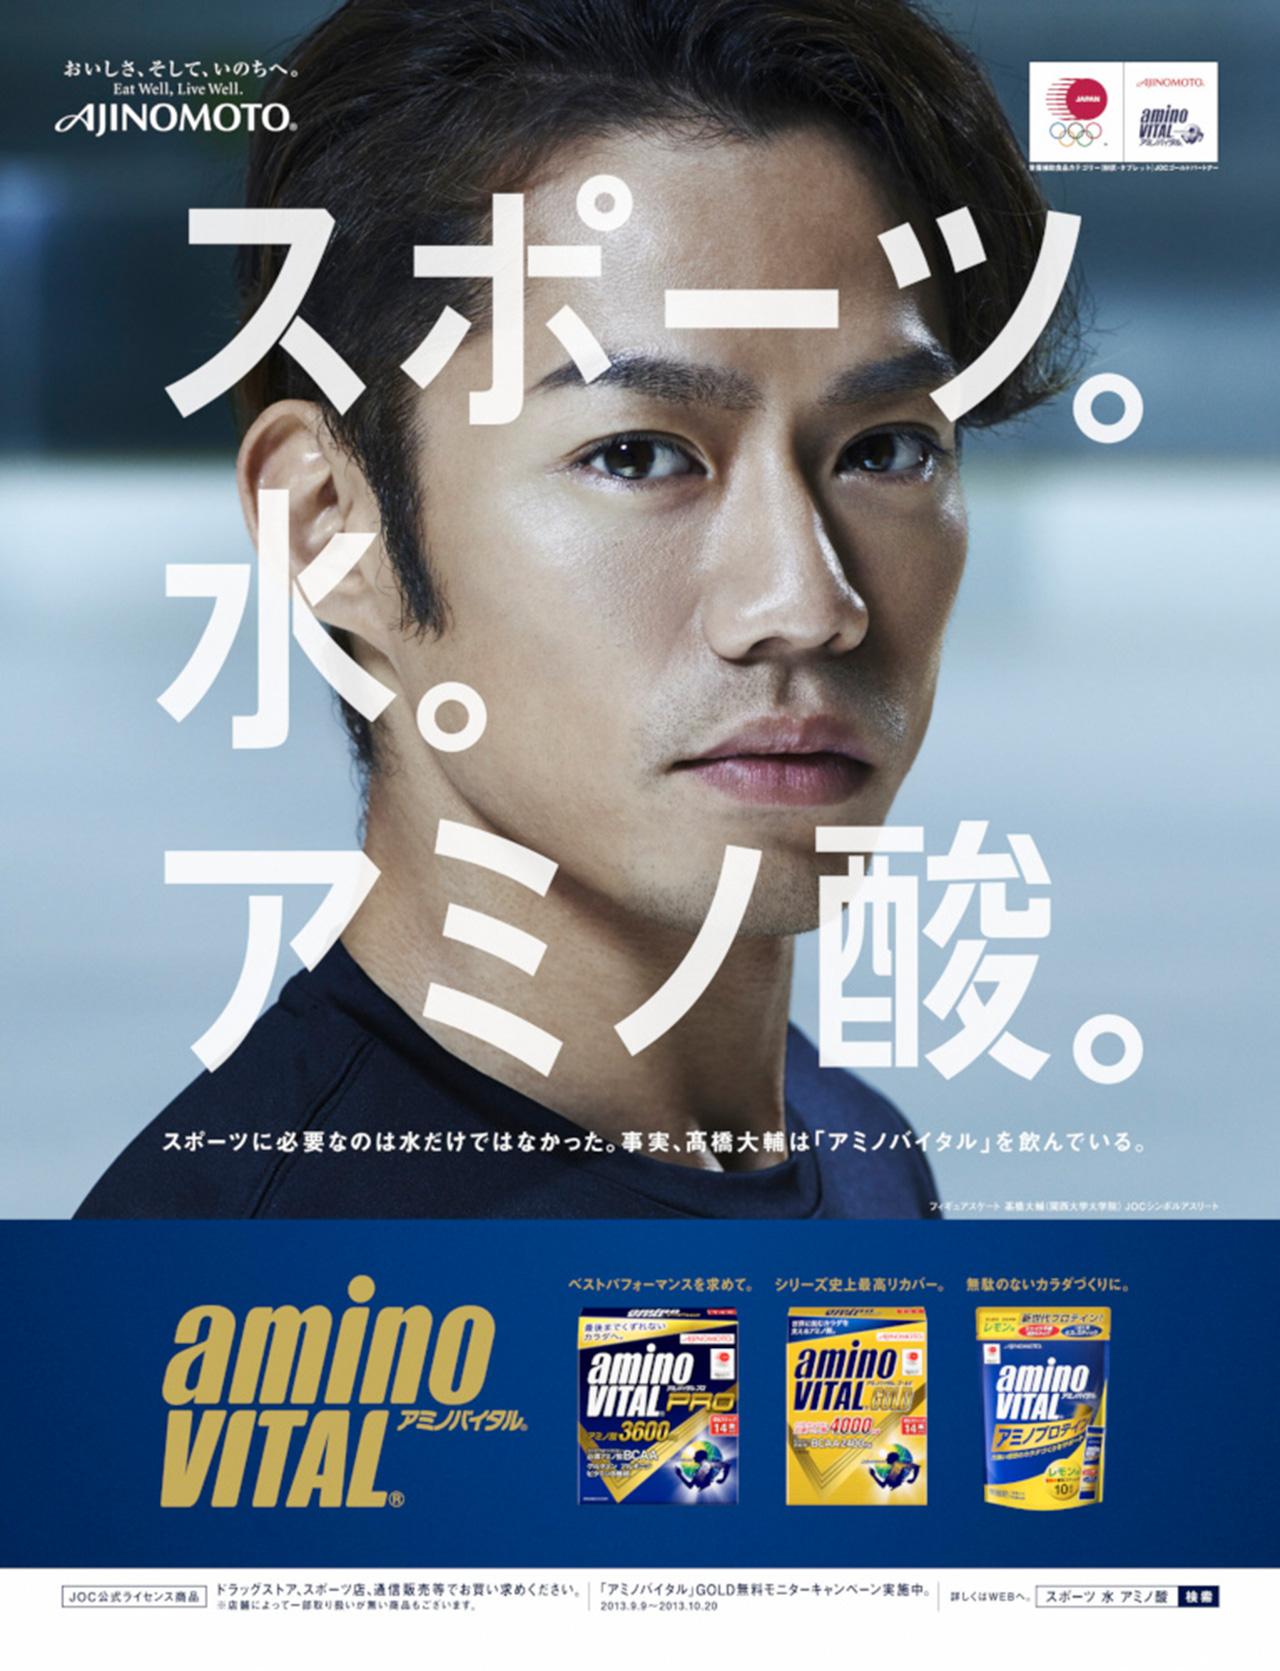 140317_ajinomoto_aminovital